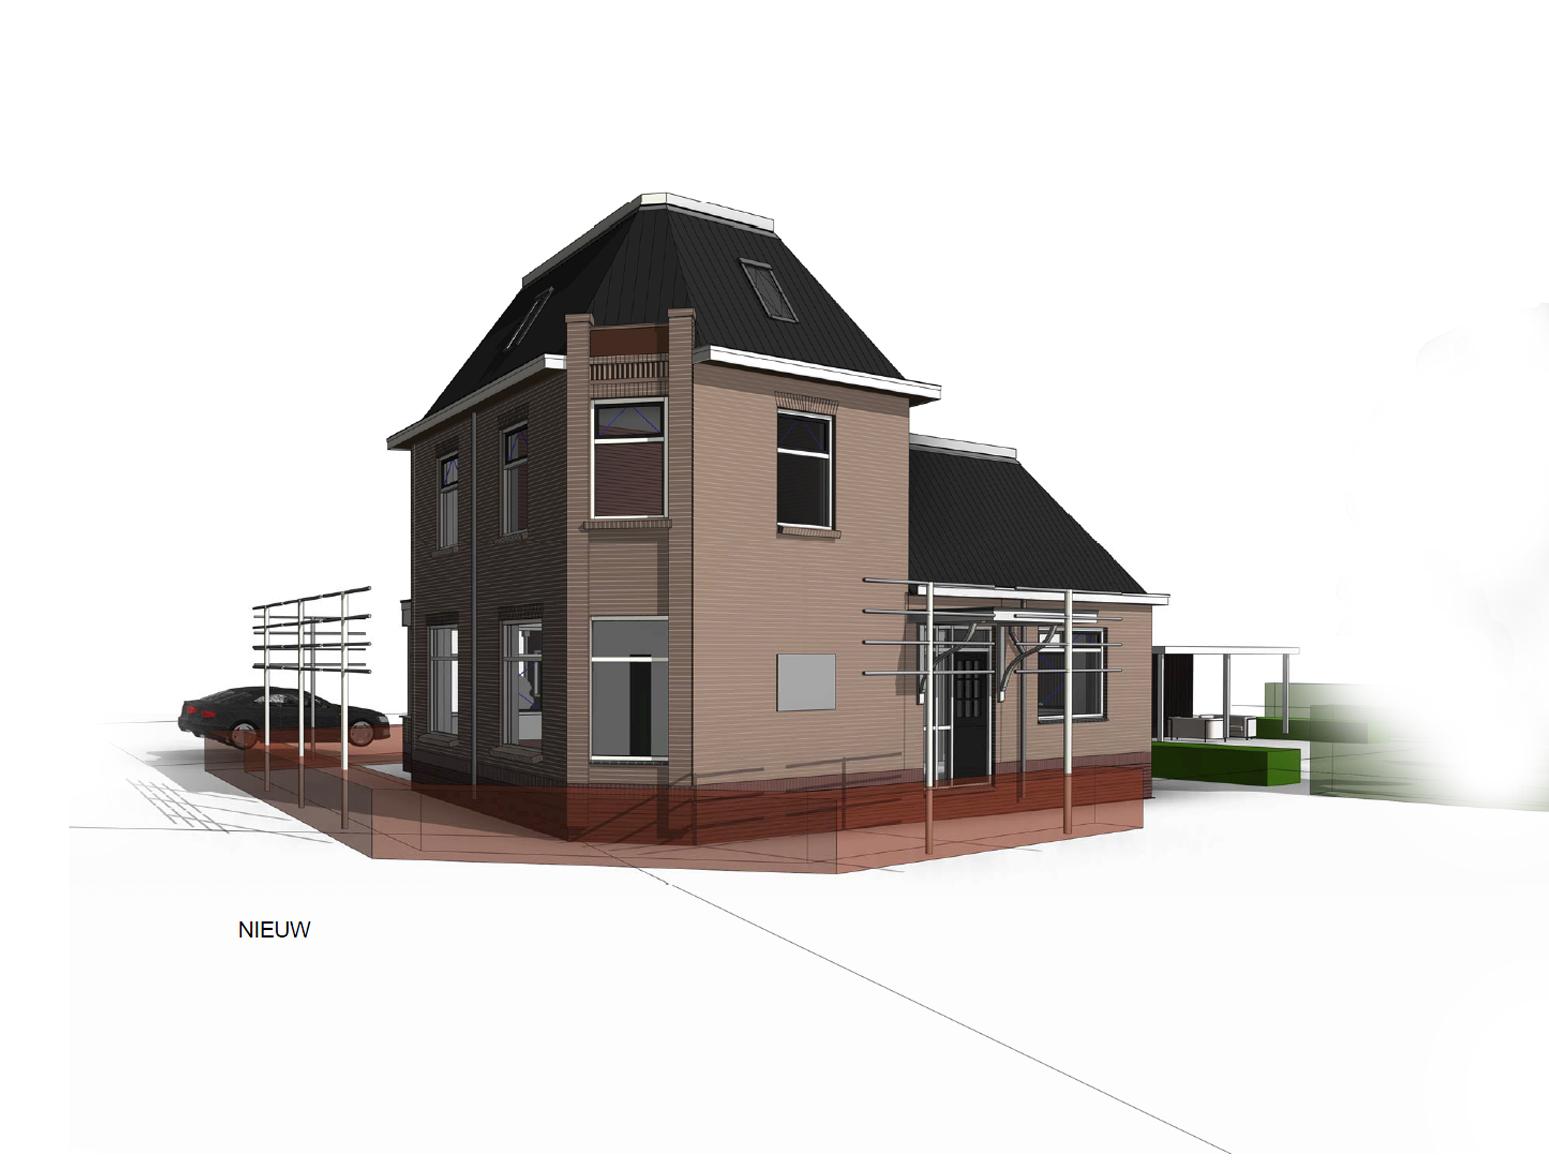 vrijstaande-villa-wenum-wiesel-verbouwing-van-oord-architectuur-en-design-architect-apeldoorn-architect-voorst-verbouw-architect-2